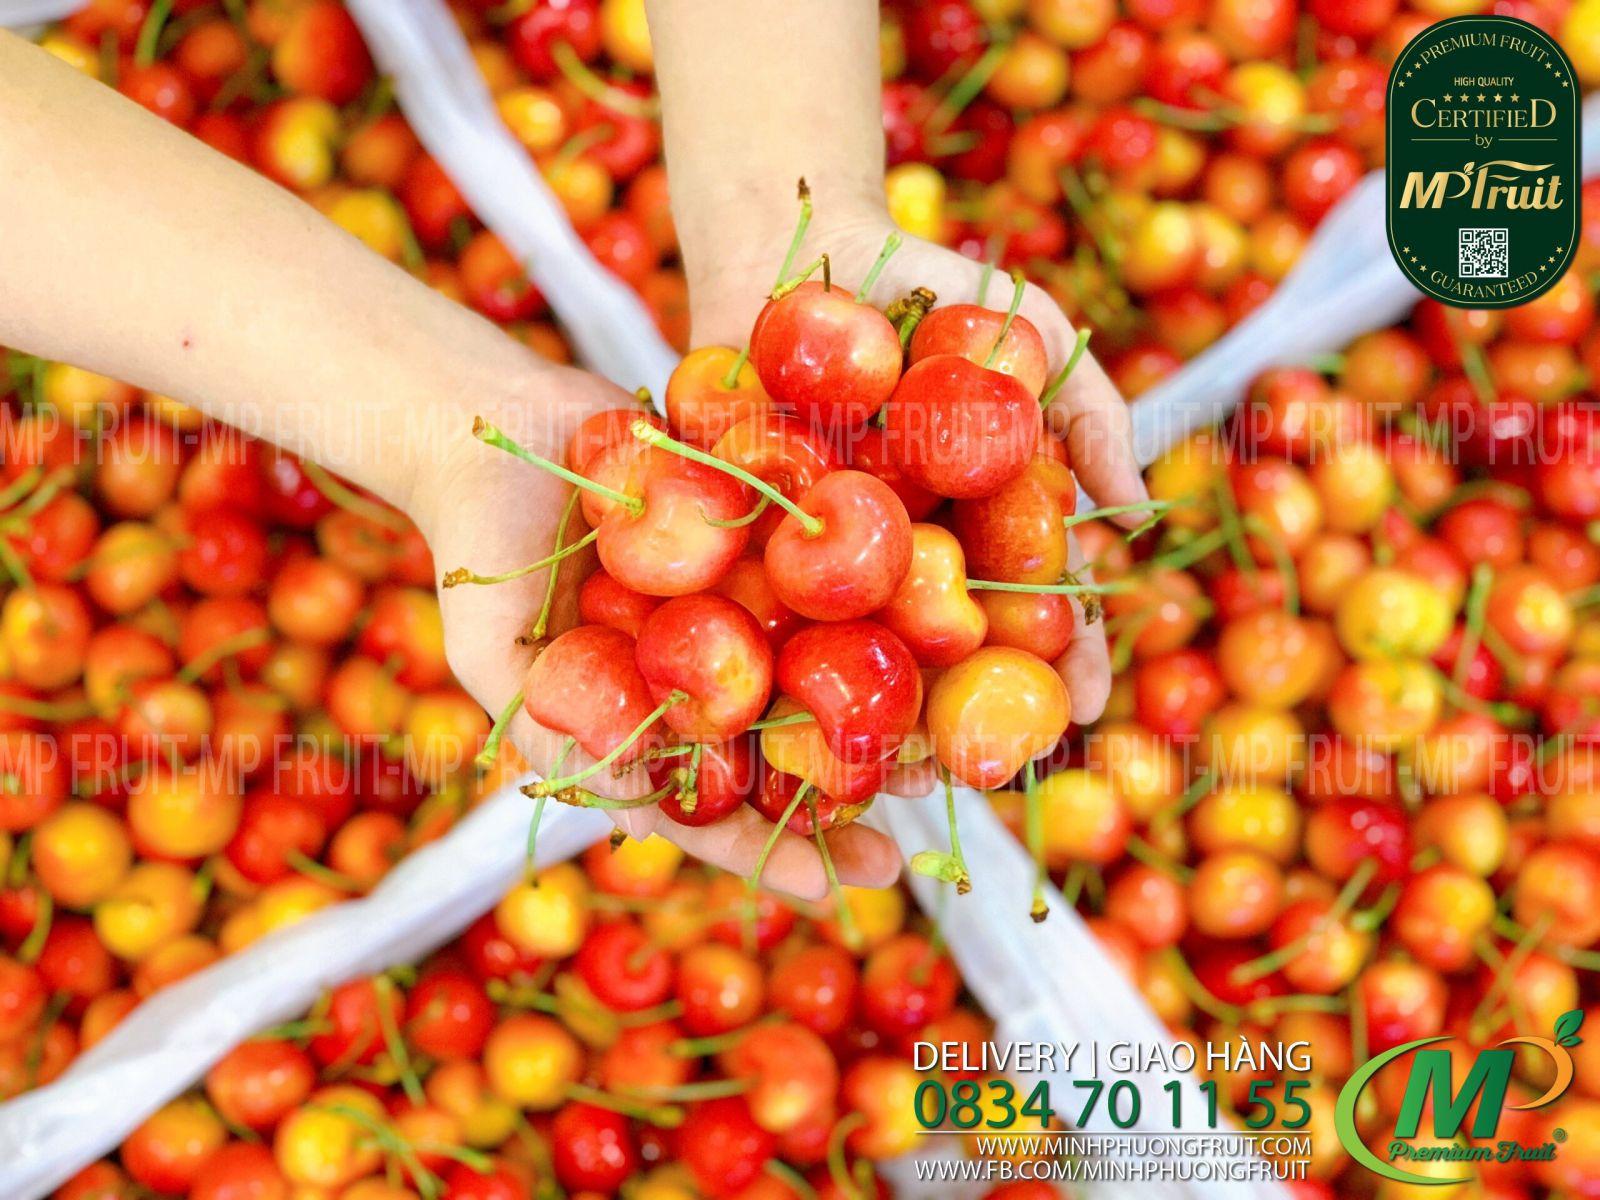 Cherry Vàng Mỹ - Rainier Cherry USA tại MP Fruits